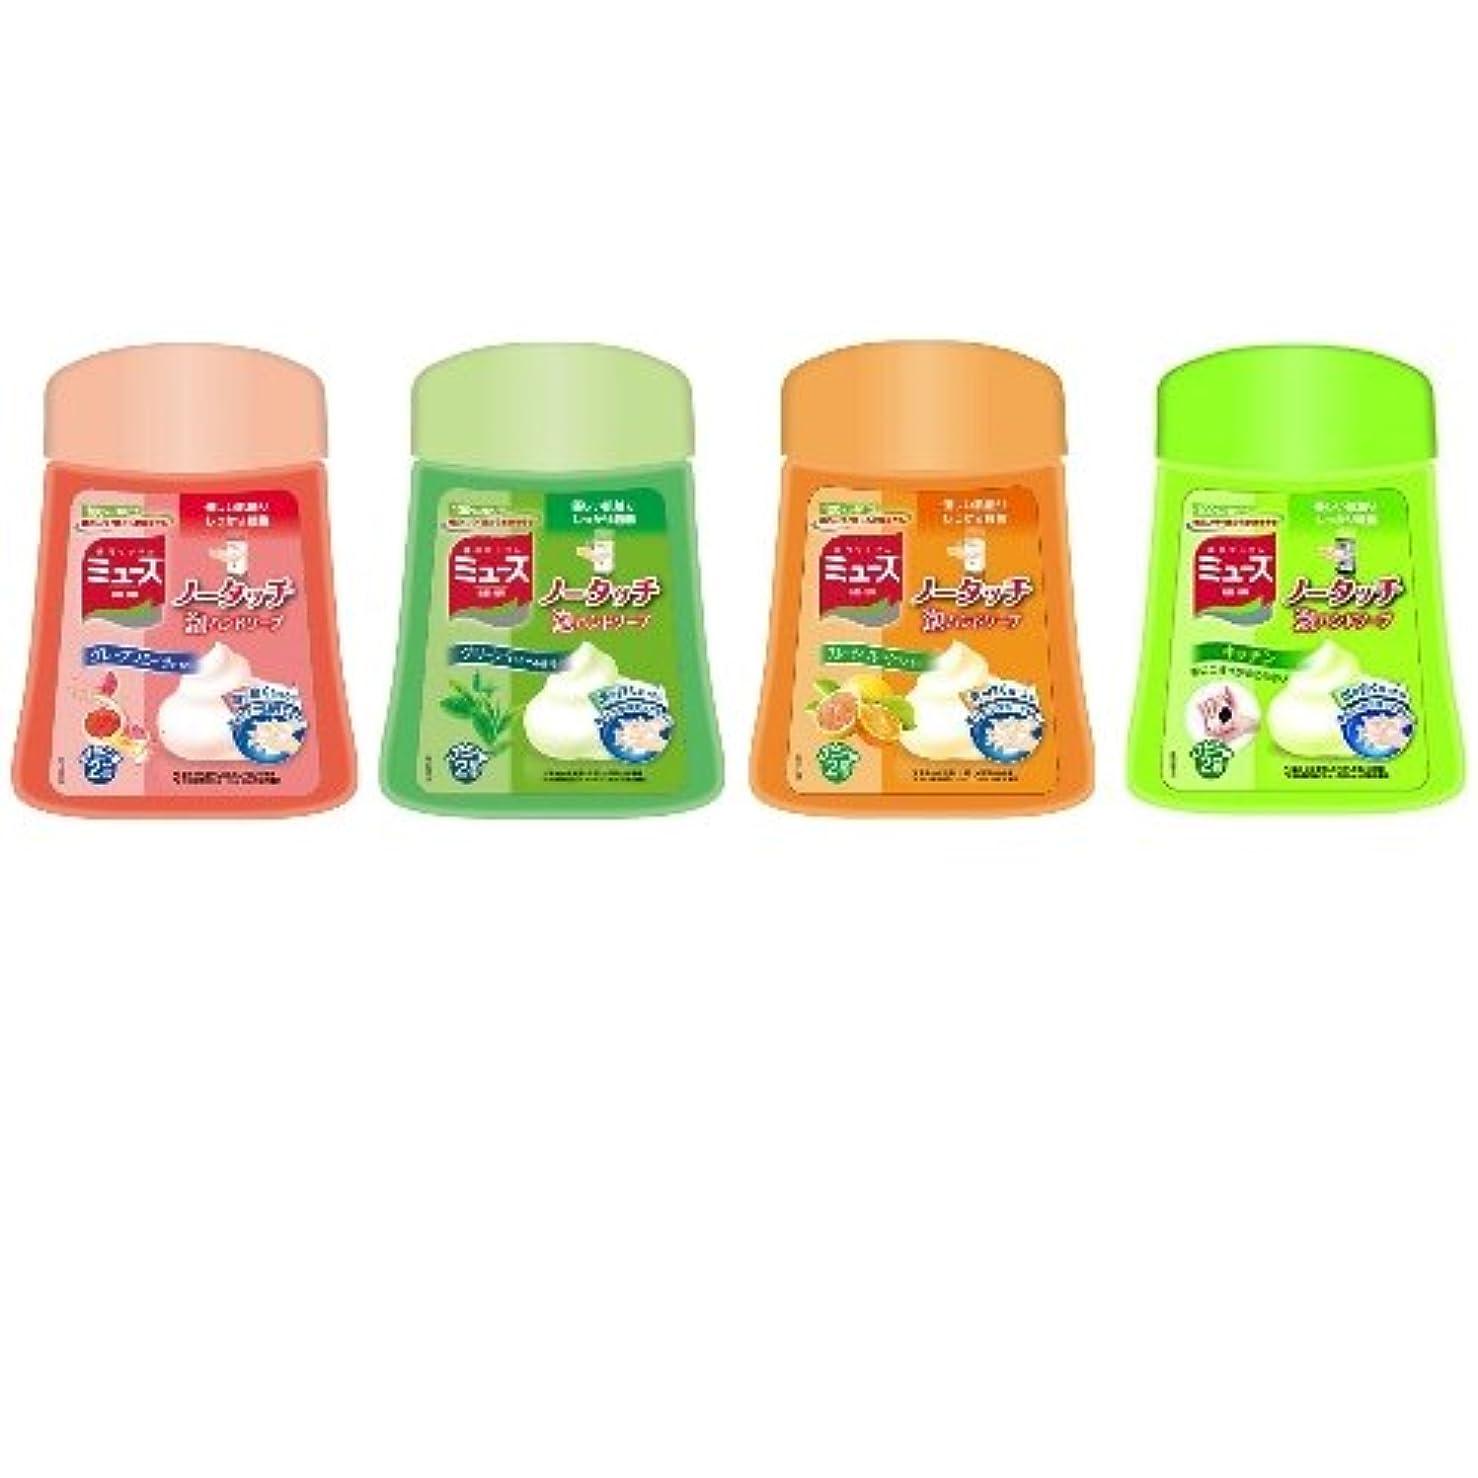 構成今日イライラするミューズ ノータッチ 泡ハンドソープ 詰替え 4種の色と香りボトル 250ml×4個 薬用ハンドソープ 手洗い 殺菌 消毒